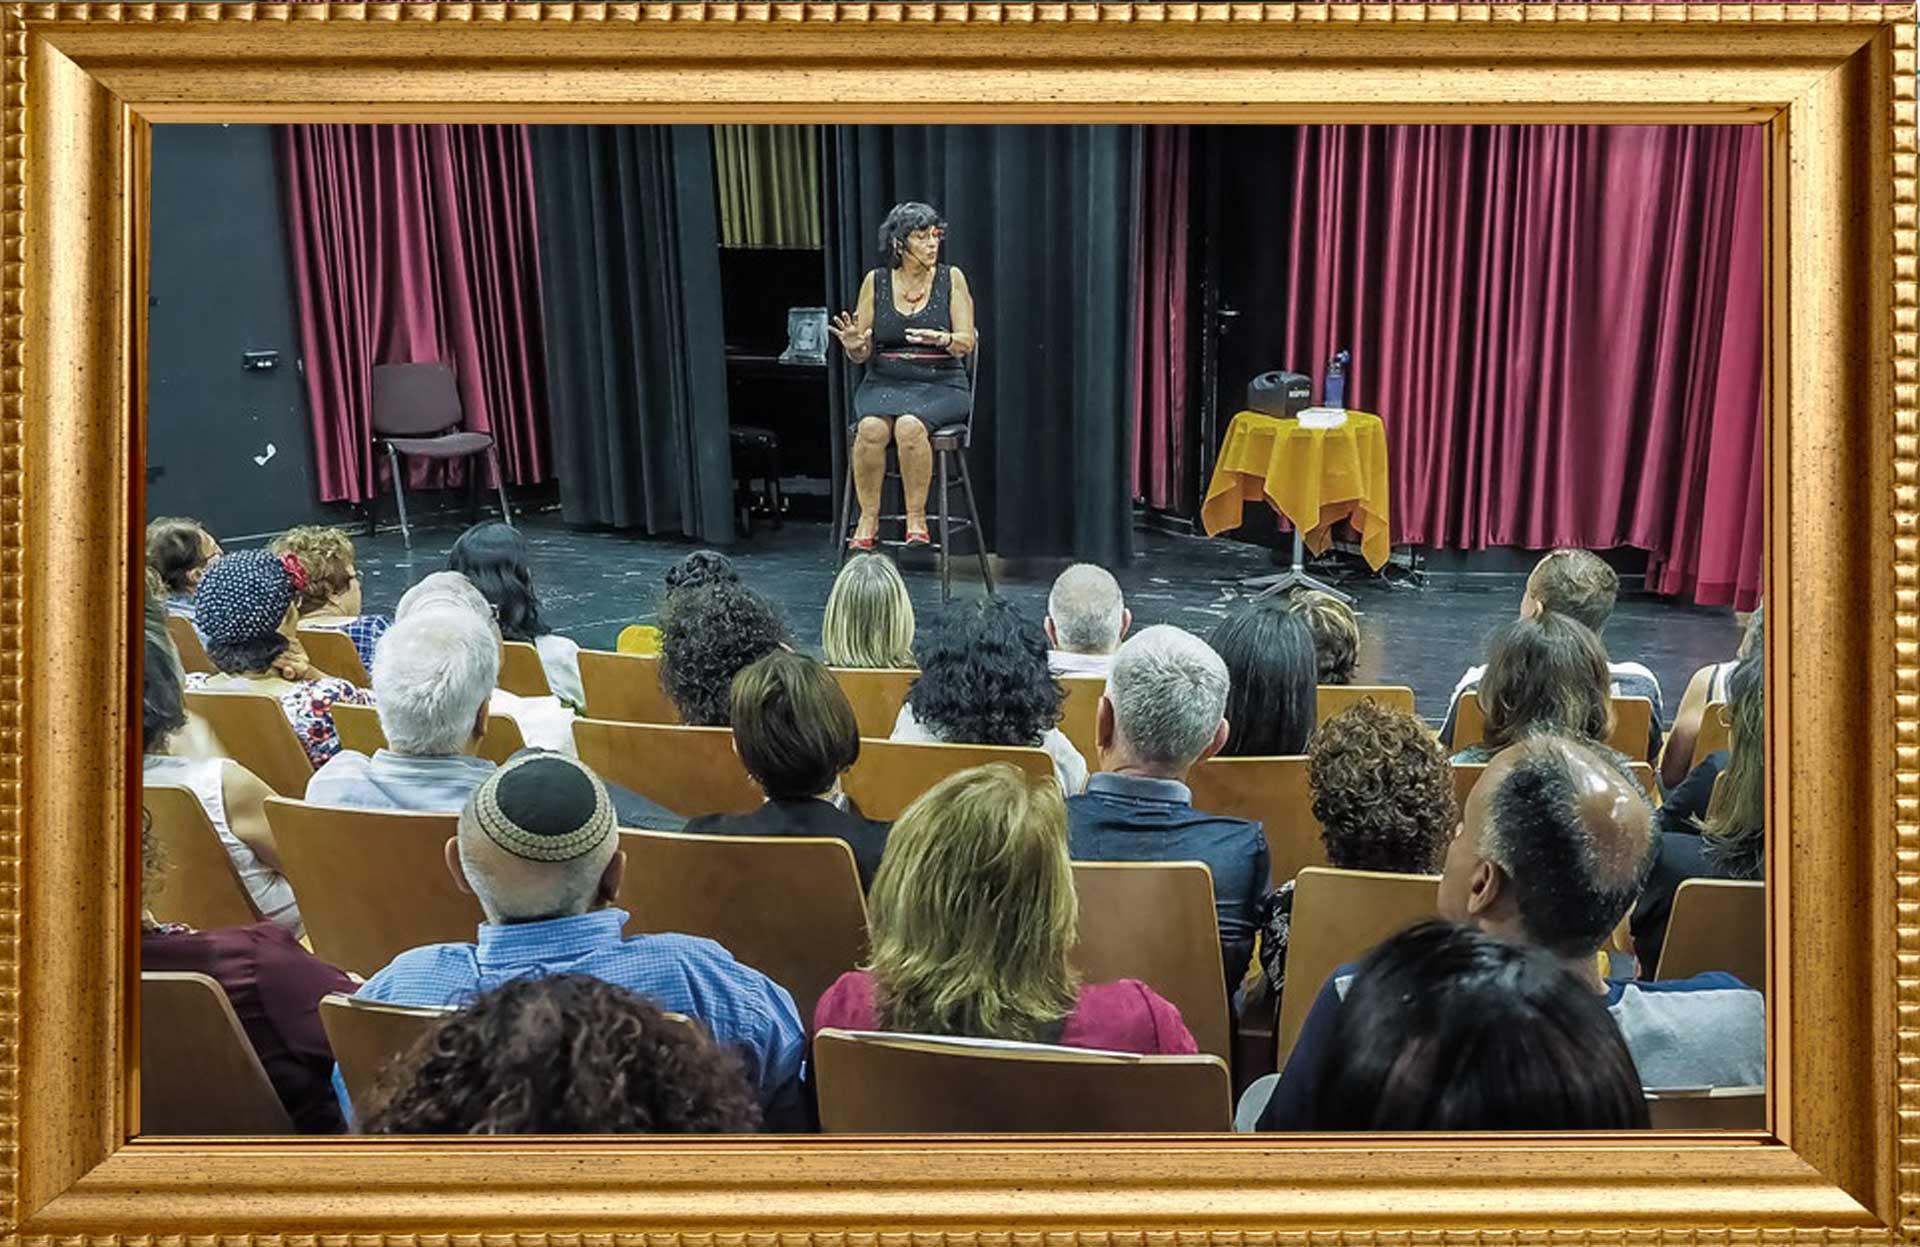 עדנה קנטי | מספרי סיפורים לאירועים, מספרת סיפורים למבוגרים, תוכן לאירוע איכותי